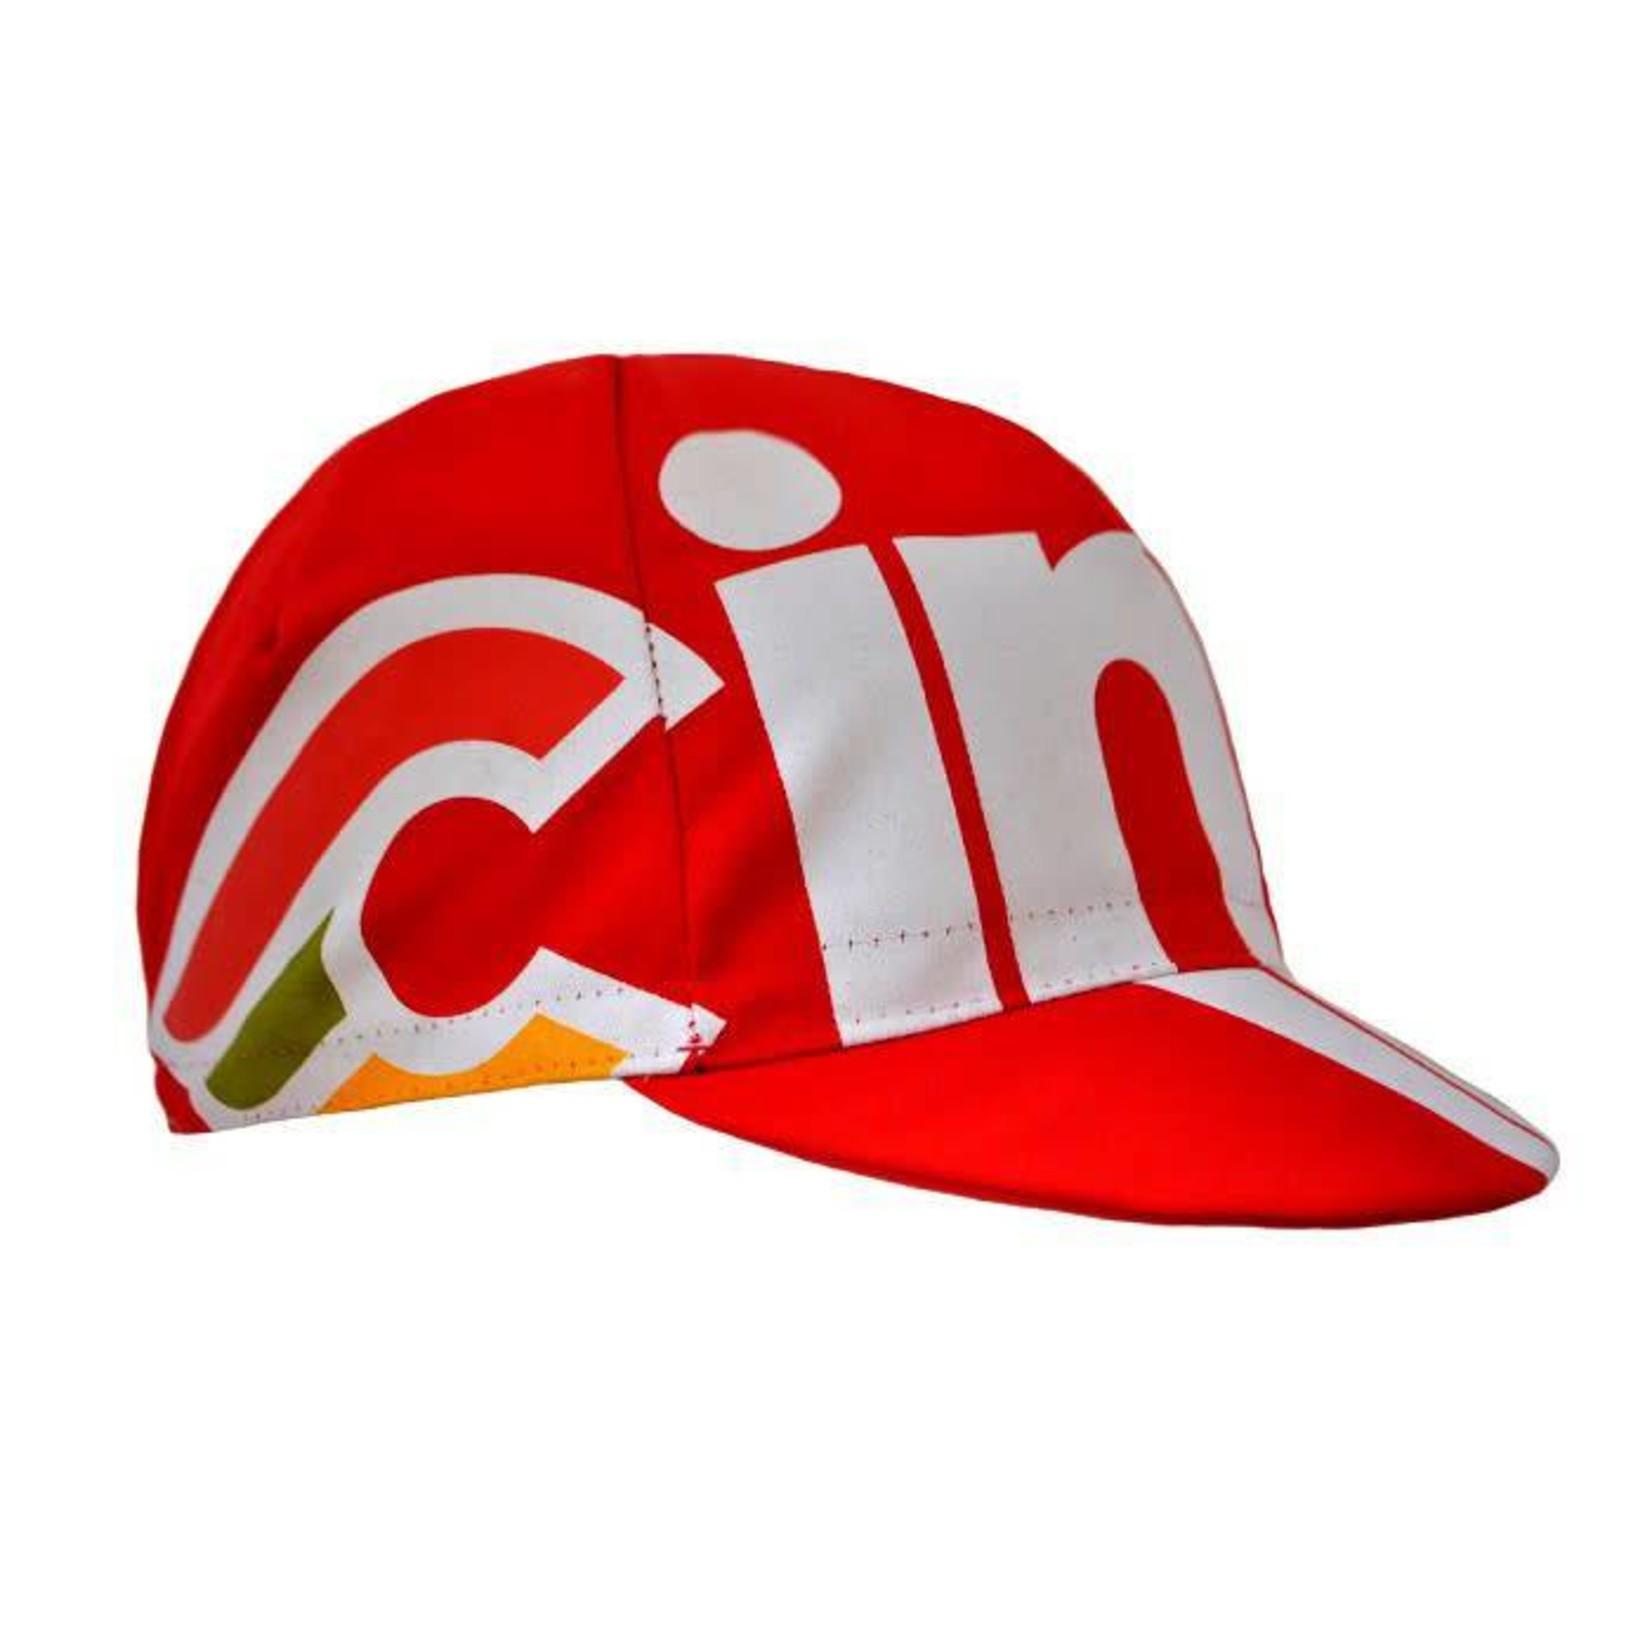 CINELLI CINELLI CAPS NEMO TIG-RED